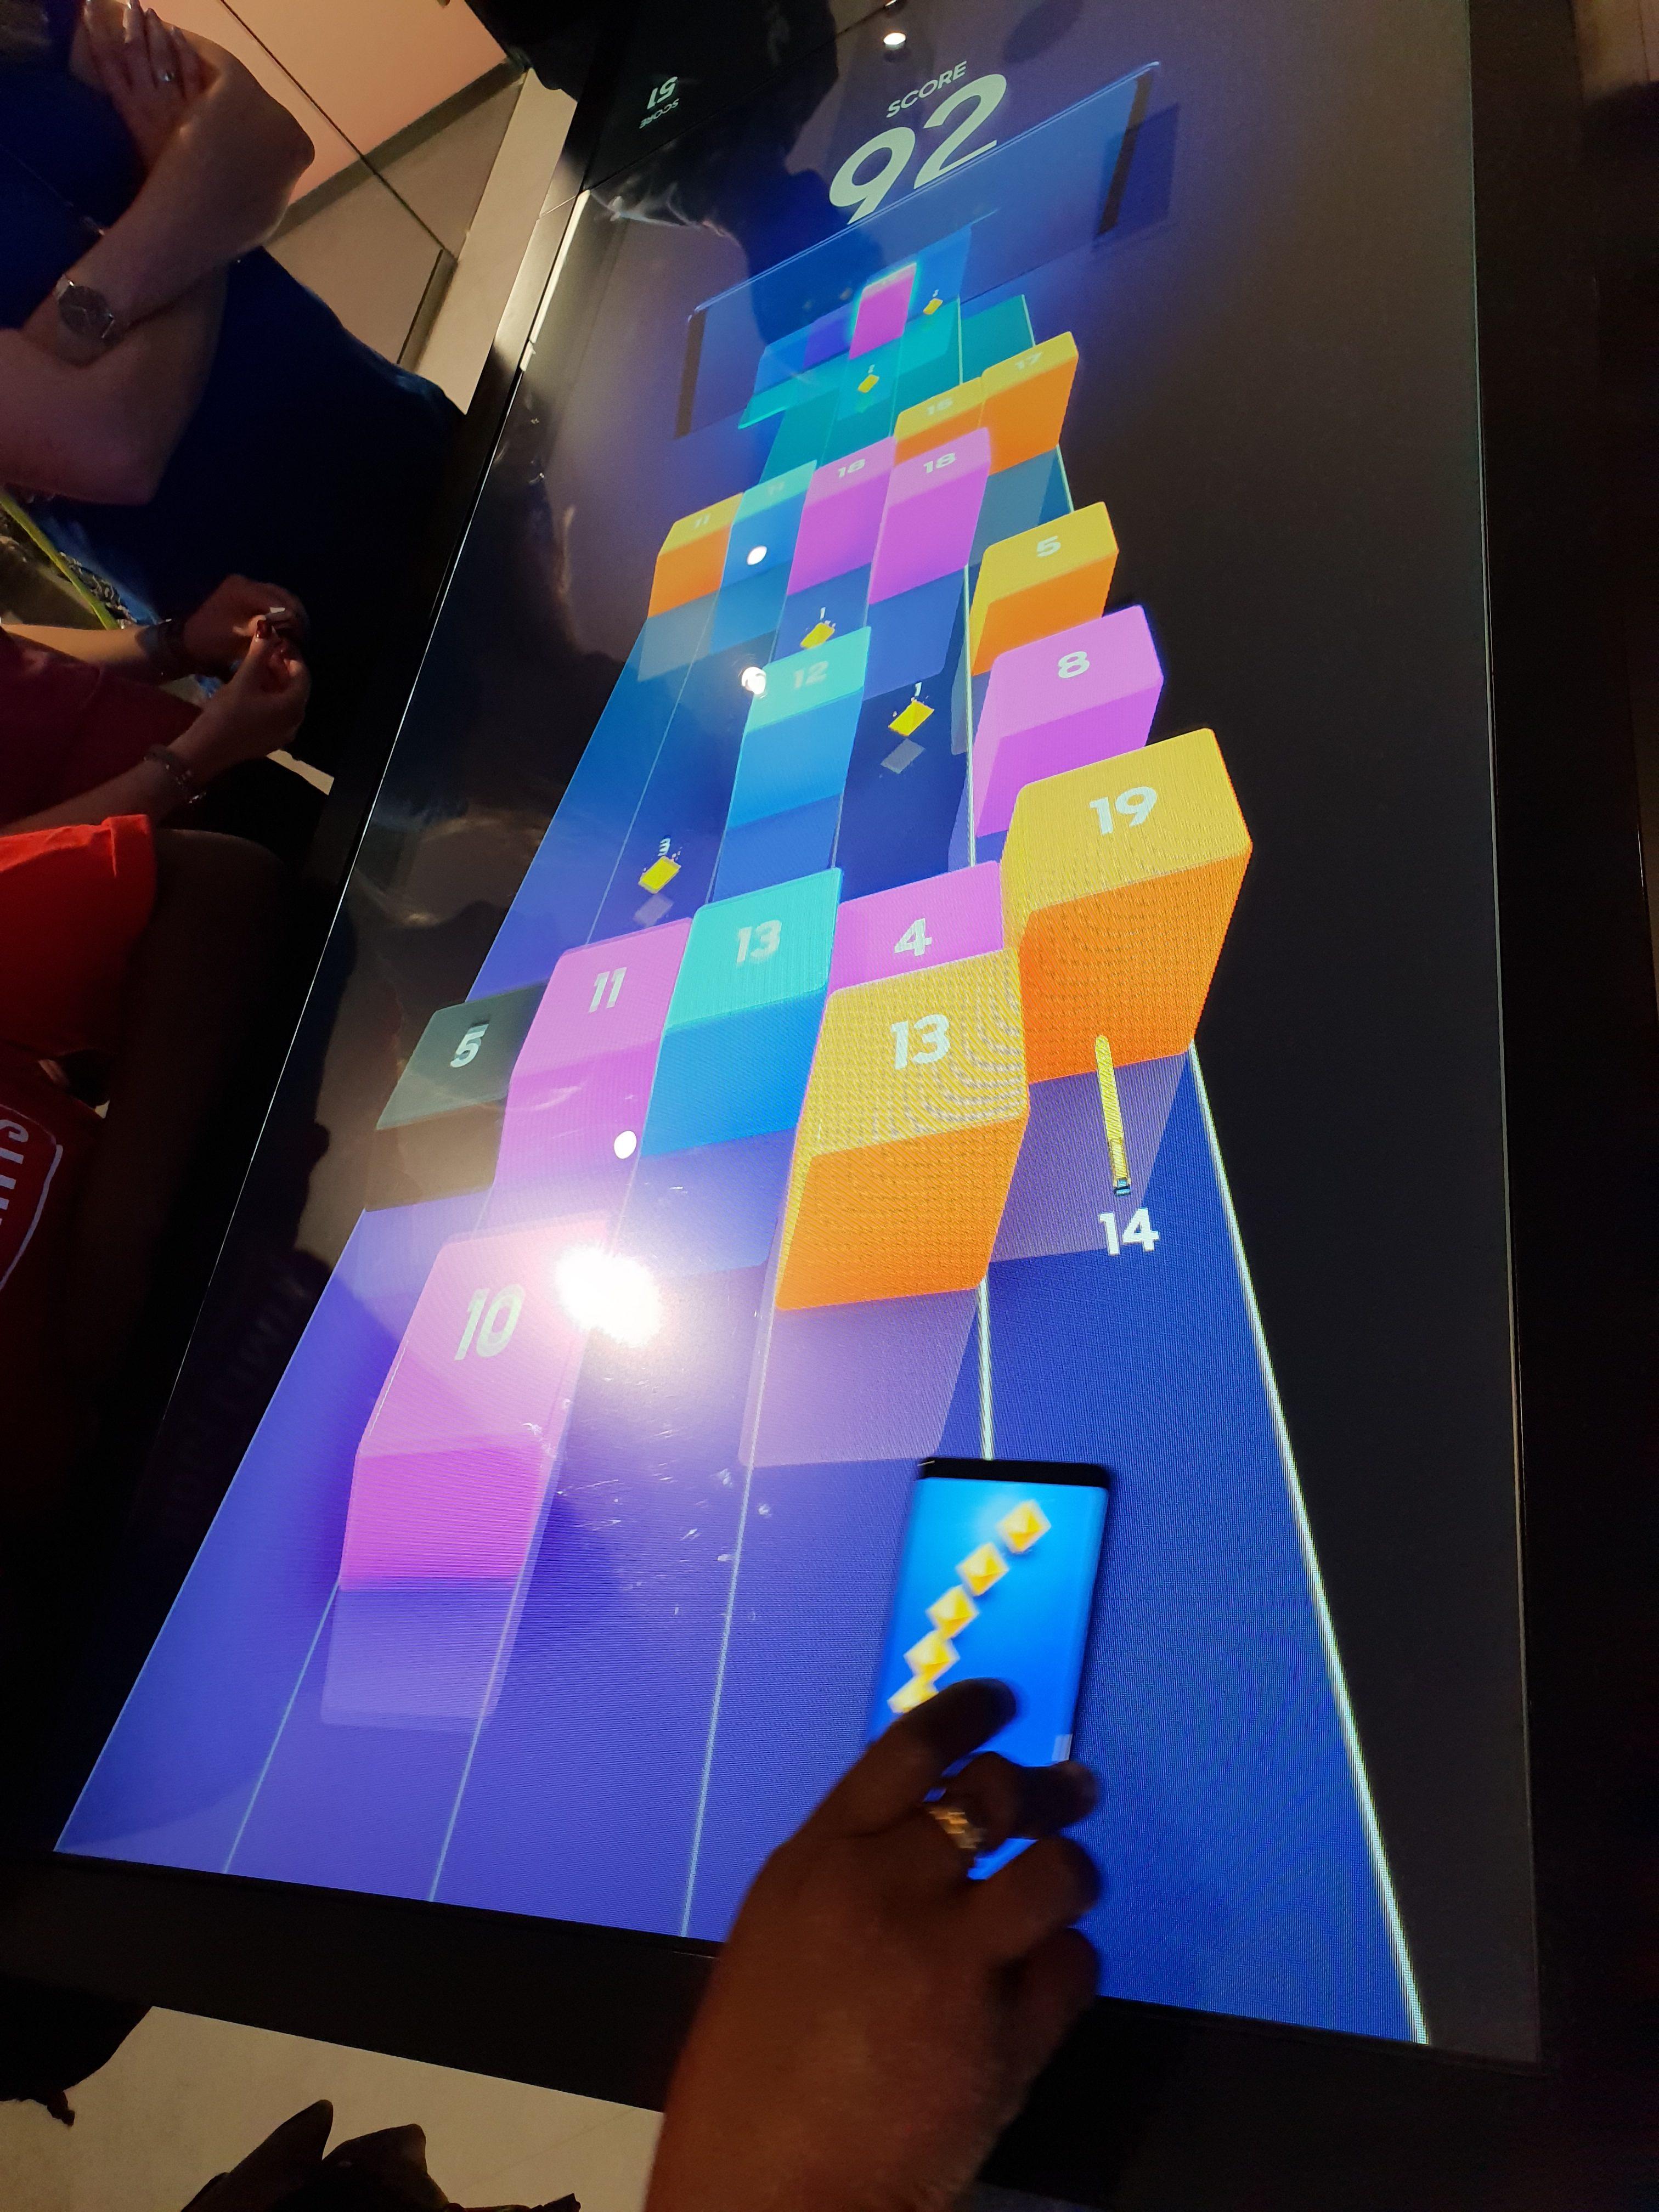 #SamsungParis - Jeu interactif